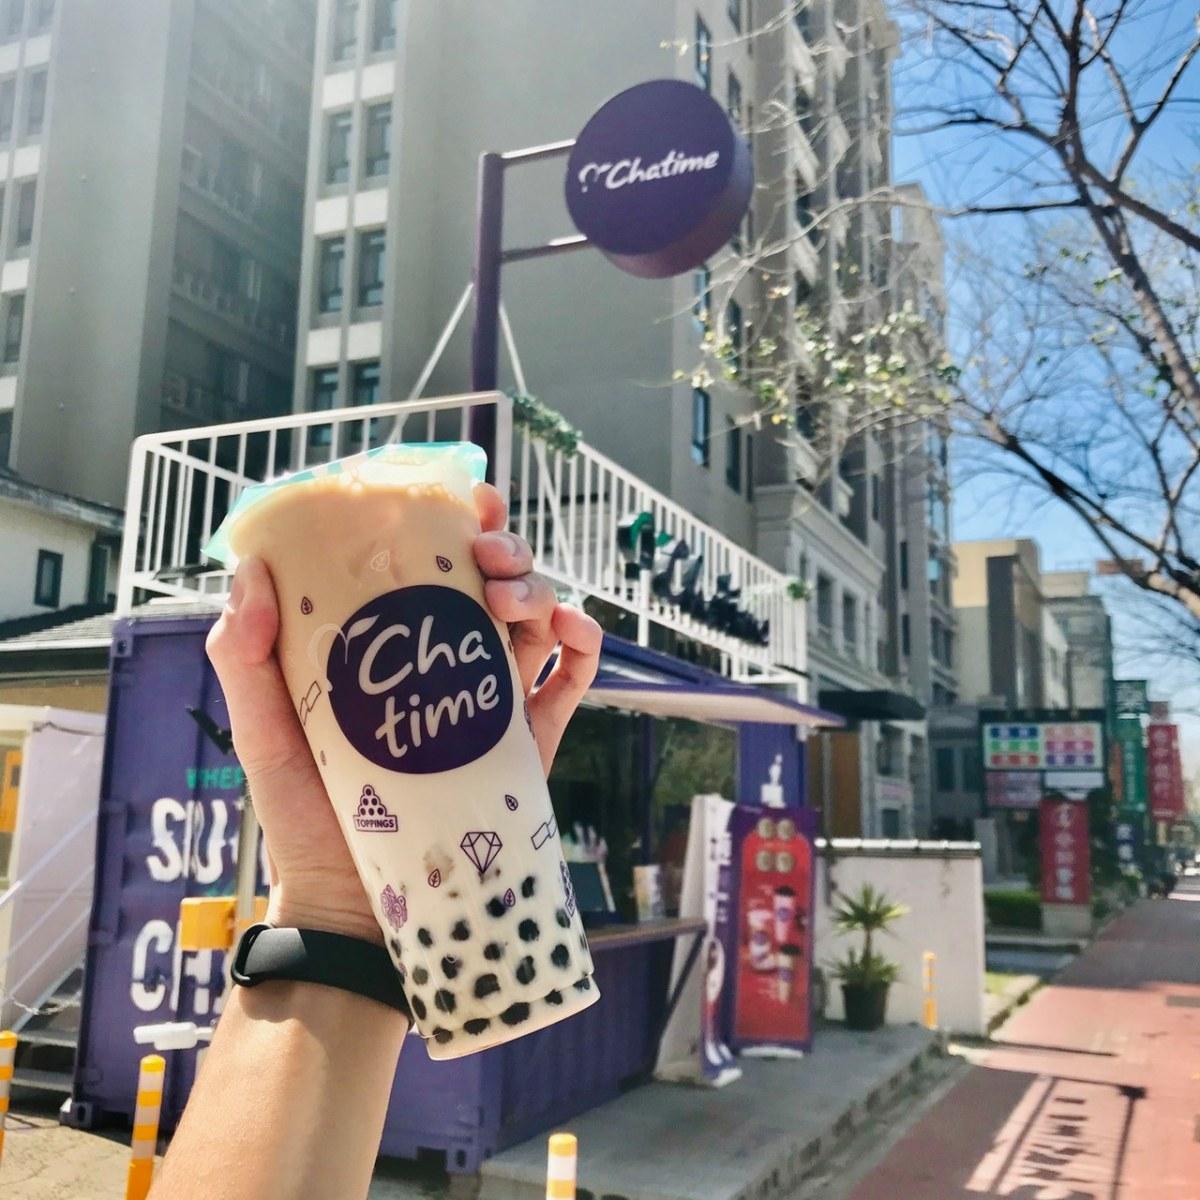 日出茶太 珍珠奶茶 卡路里 : 465 kcal(圖片來源:FB@日出茶太 - CHATIME)